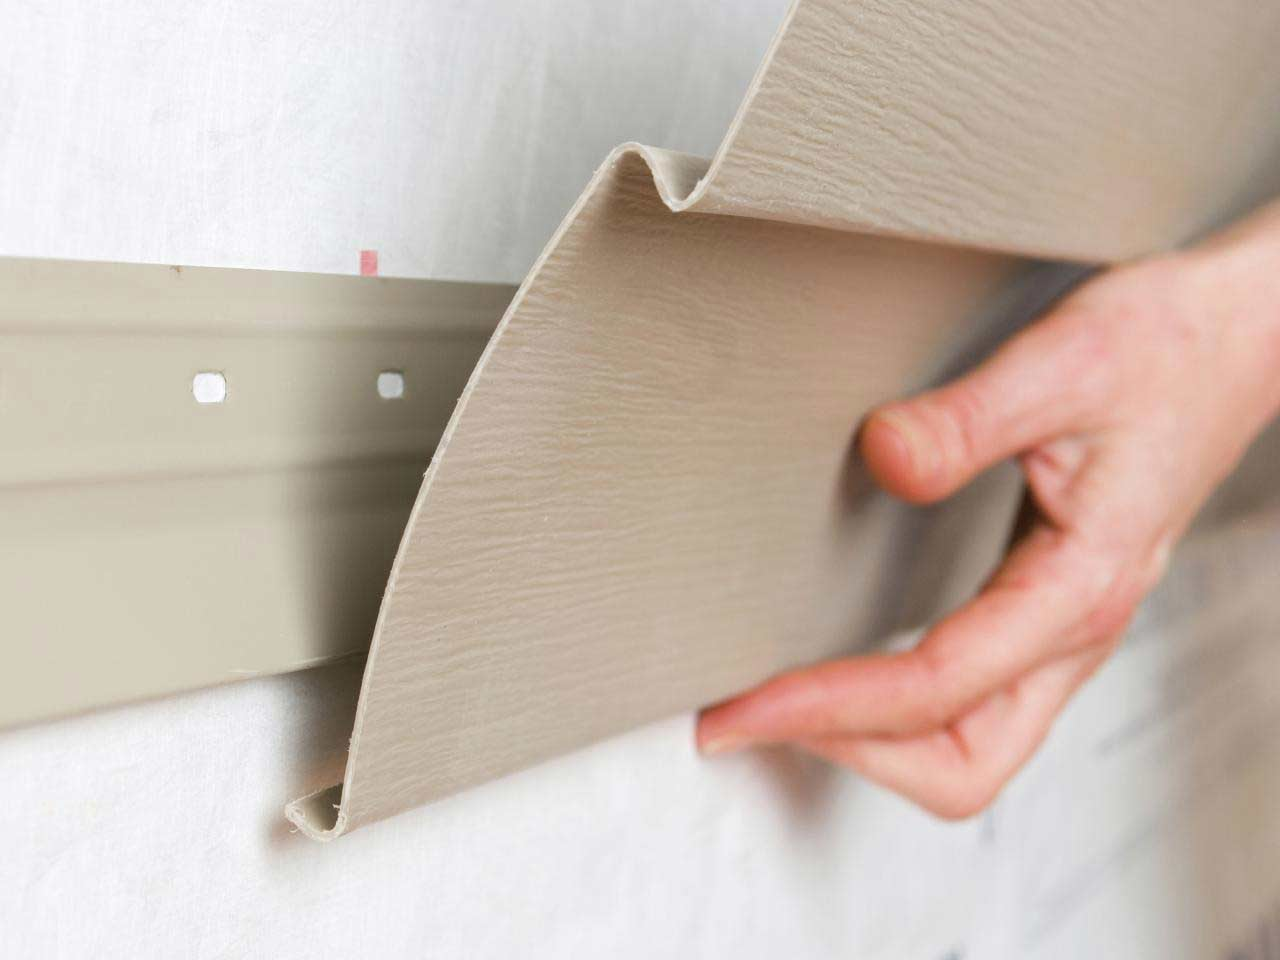 Герметичная стыковка элементов, разнообразные и удобные для монтажа размеры, достойный и привлекательный внешний вид, а также несложный для самостоятельного выполнения монтаж, обусловливают популярность данного вида отделочных материалов